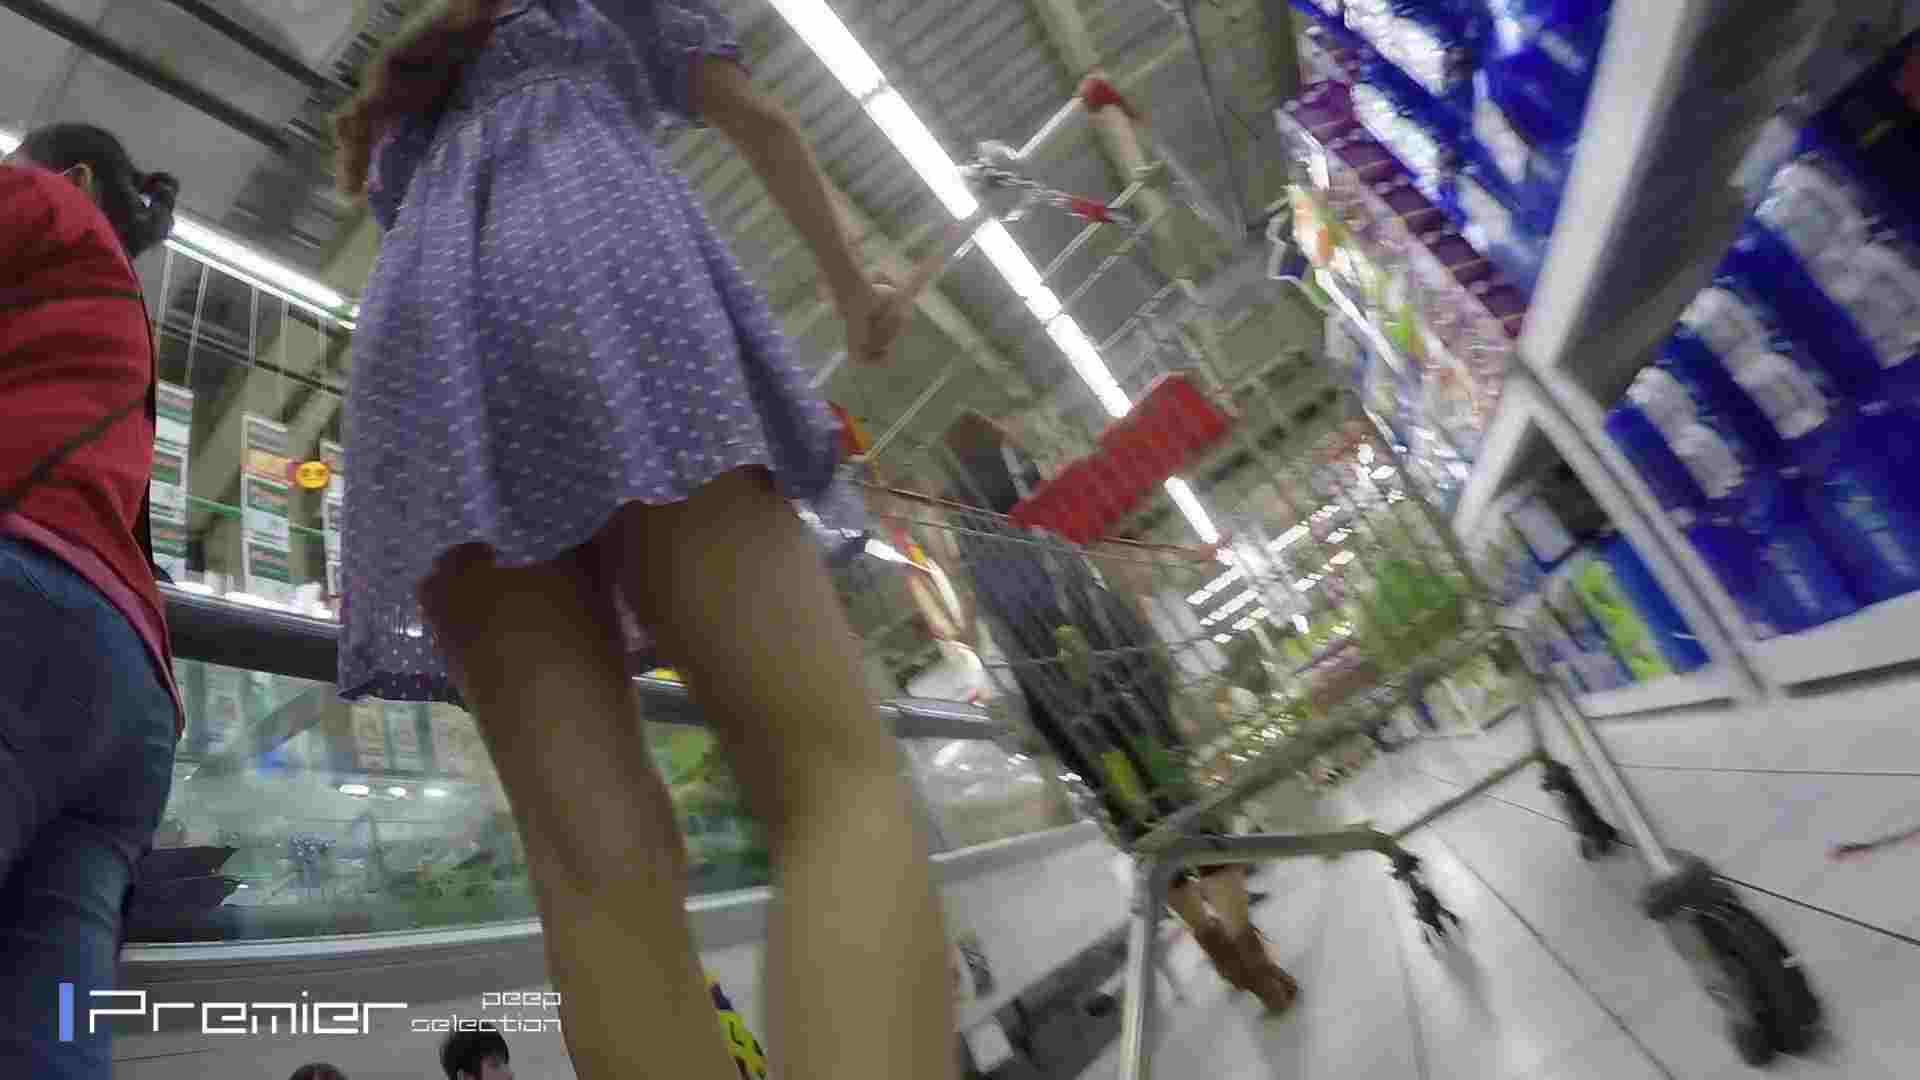 美女の下半身を粘着撮り!卑猥なパンチラ Vol.05 美女達のヌード | お姉さん達のヌード  56連発 46